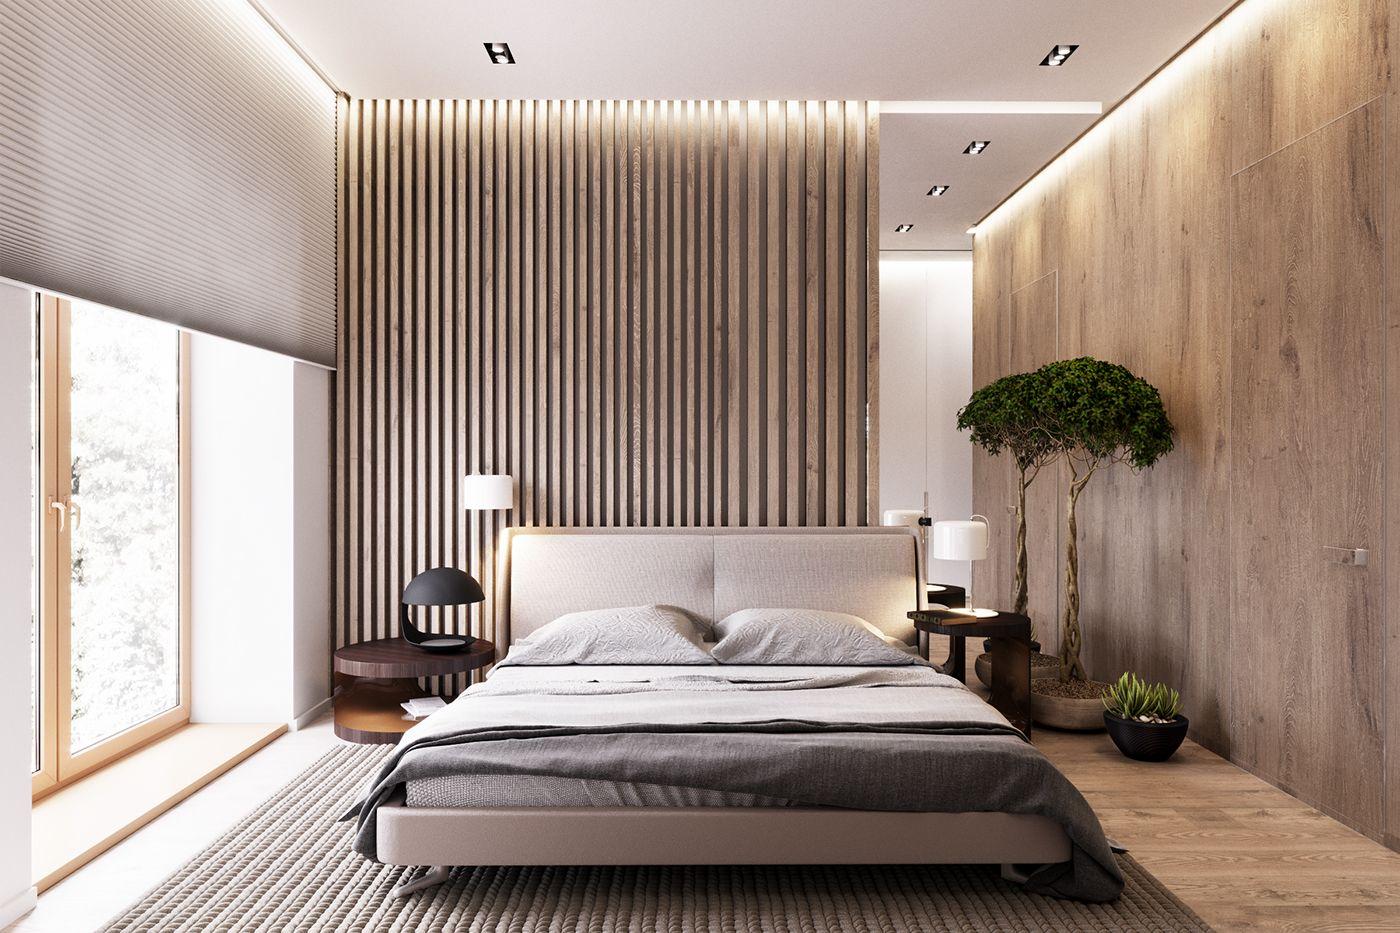 Houten Wandbekleding Slaapkamer : Houten wandbekleding inspiratie slaapkamer inspiratie slaapkamer